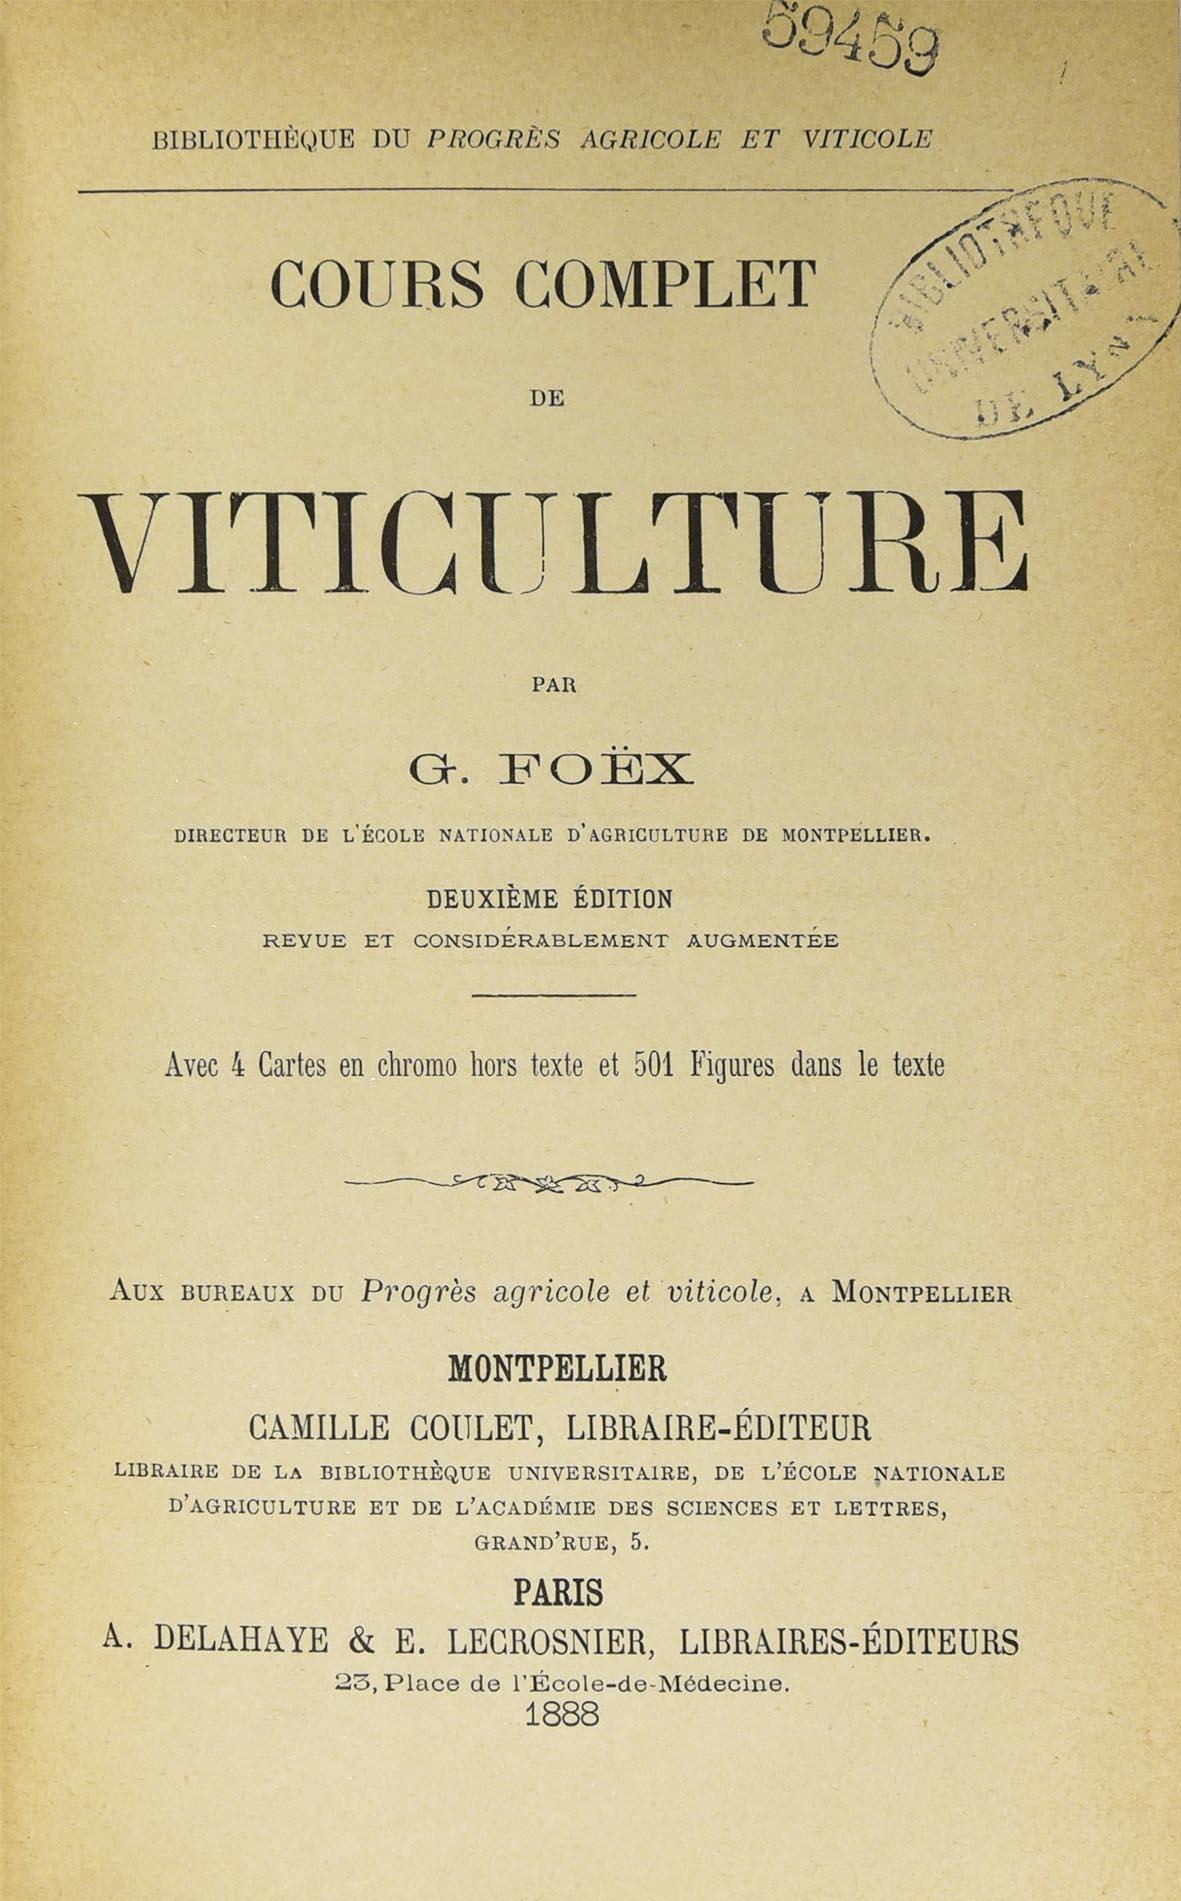 Viticulture_12